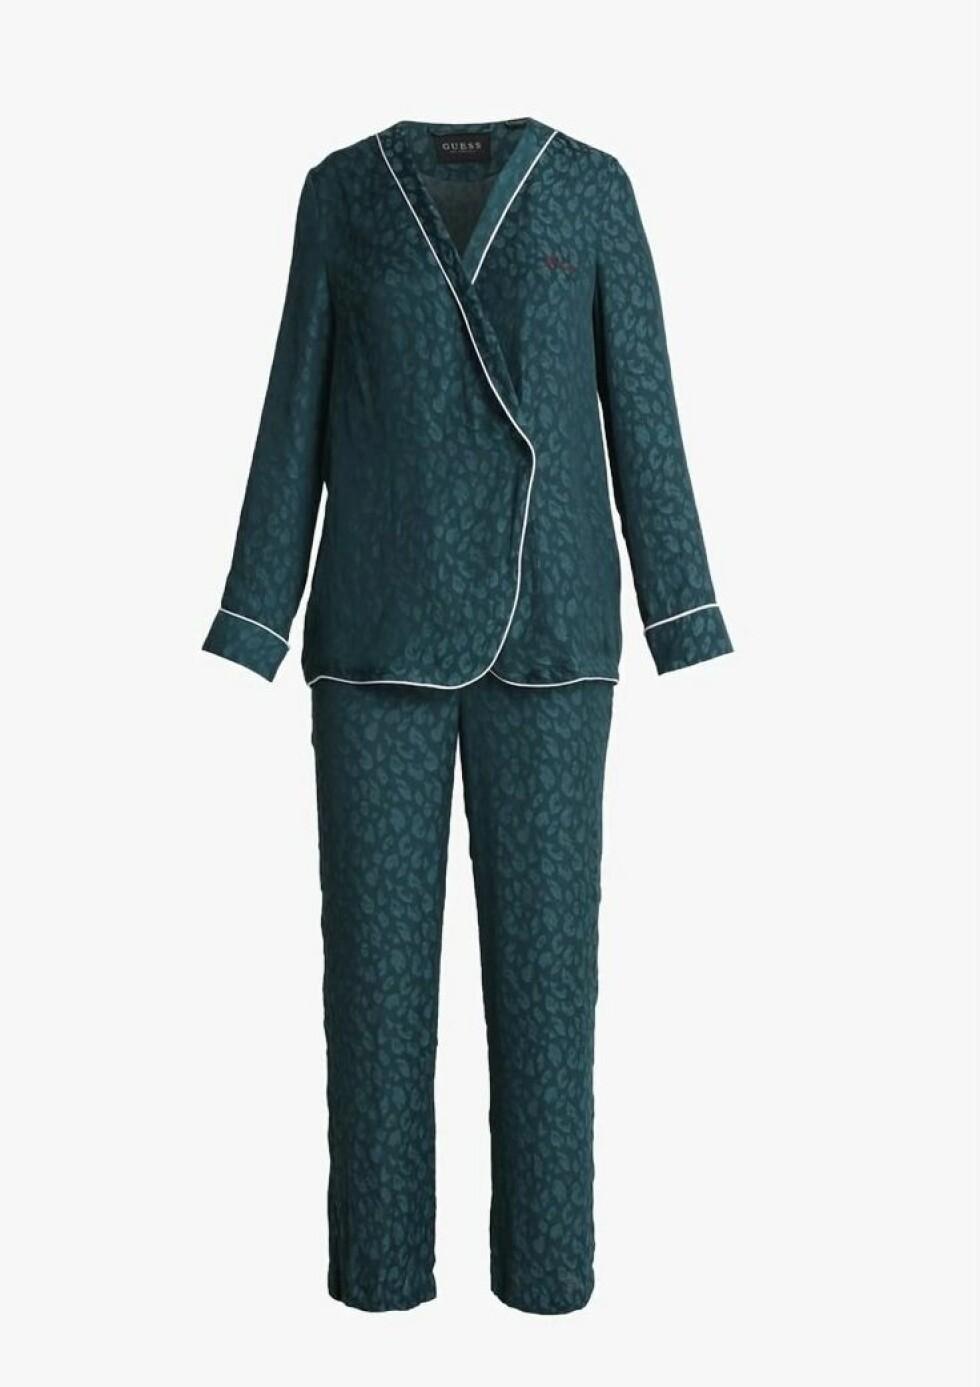 Pysj fra Guess |899,-| https://www.zalando.no/guess-pj-set-pyjamas-animalier-print-gu181p00d-l11.html